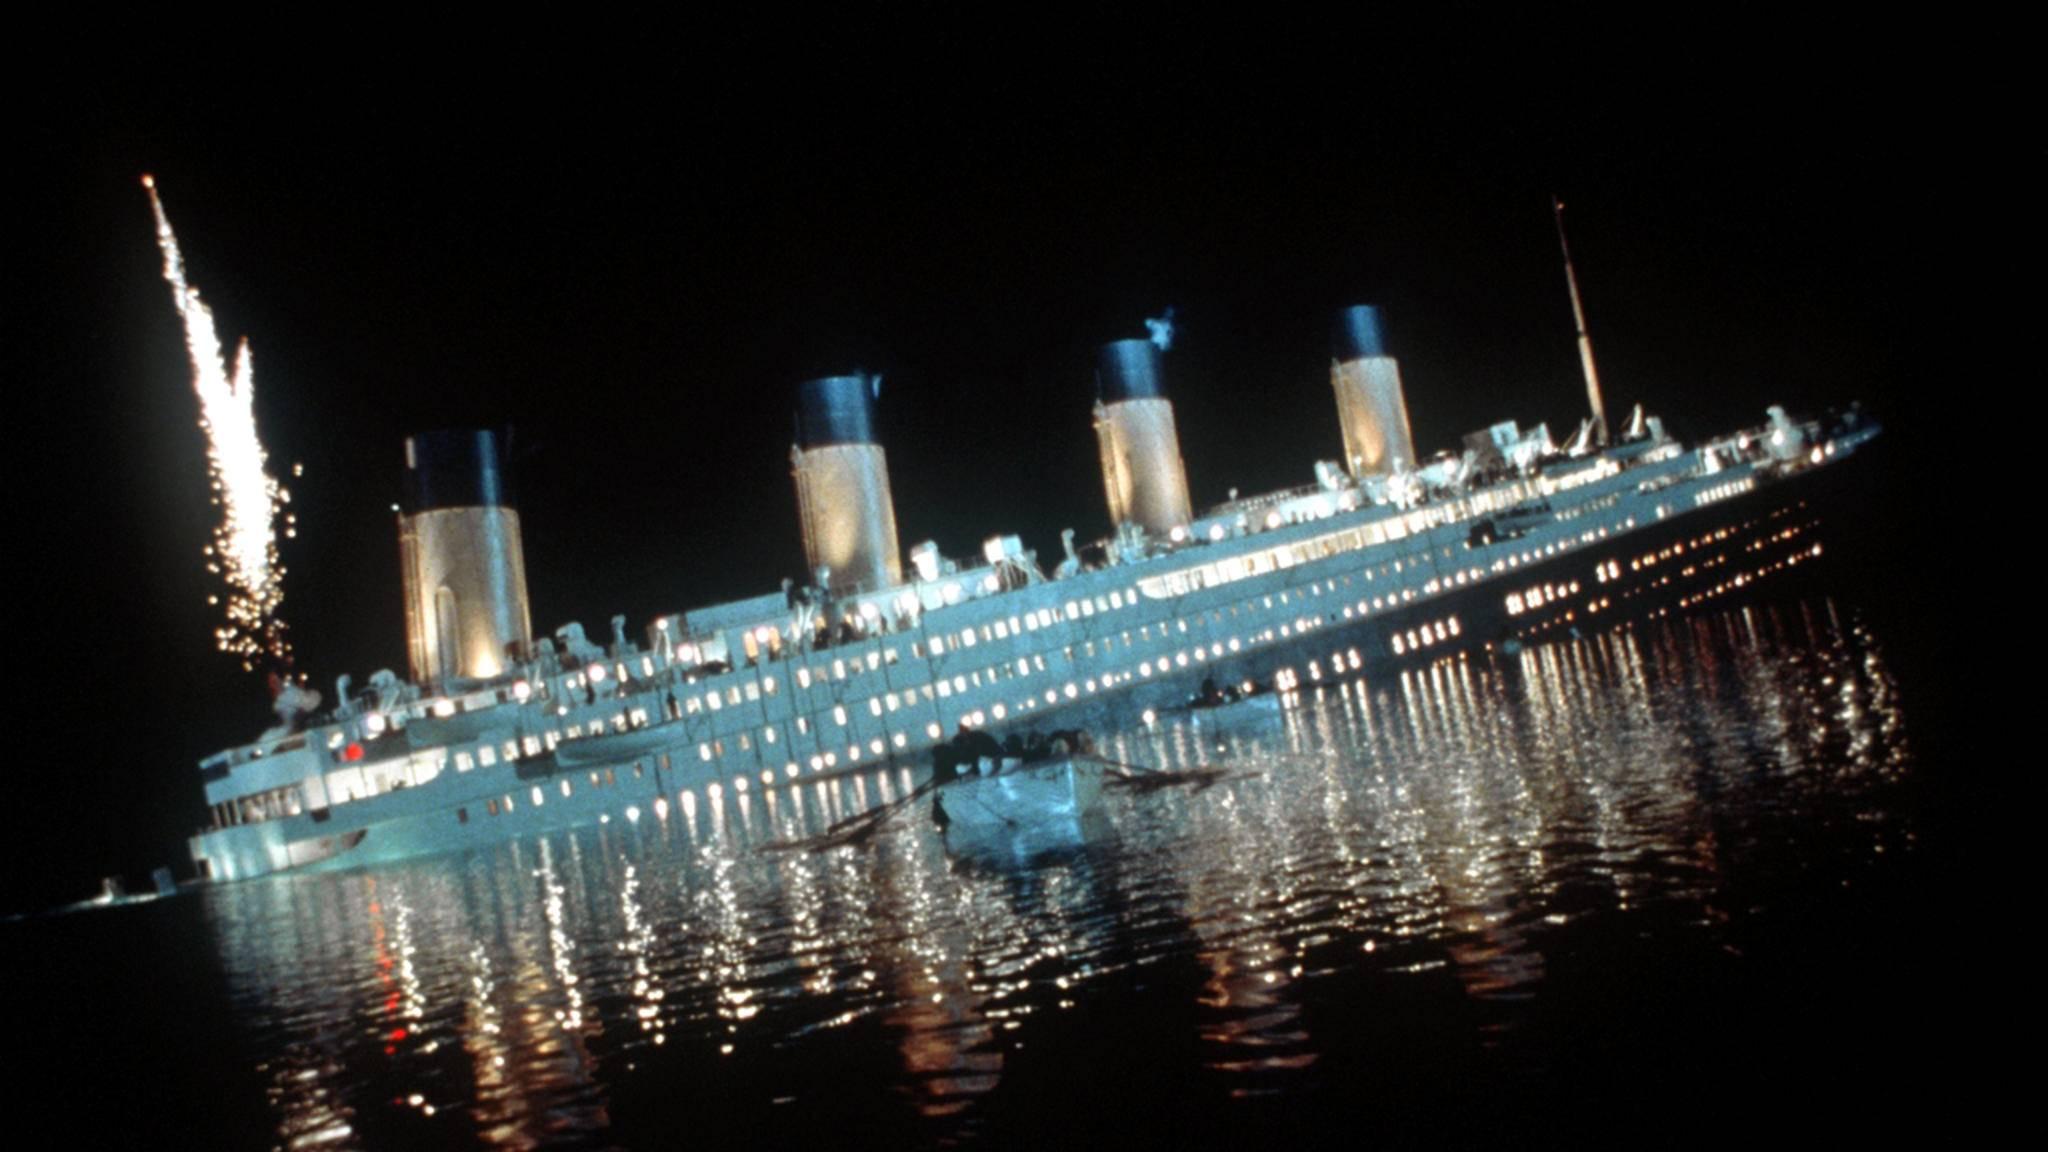 Der Untergang der RMS Titanic war eine der größten Schifffahrtskatastrophen aller Zeiten – und Stoff für einen der erfolgreichsten Filme, die je gedreht wurden.